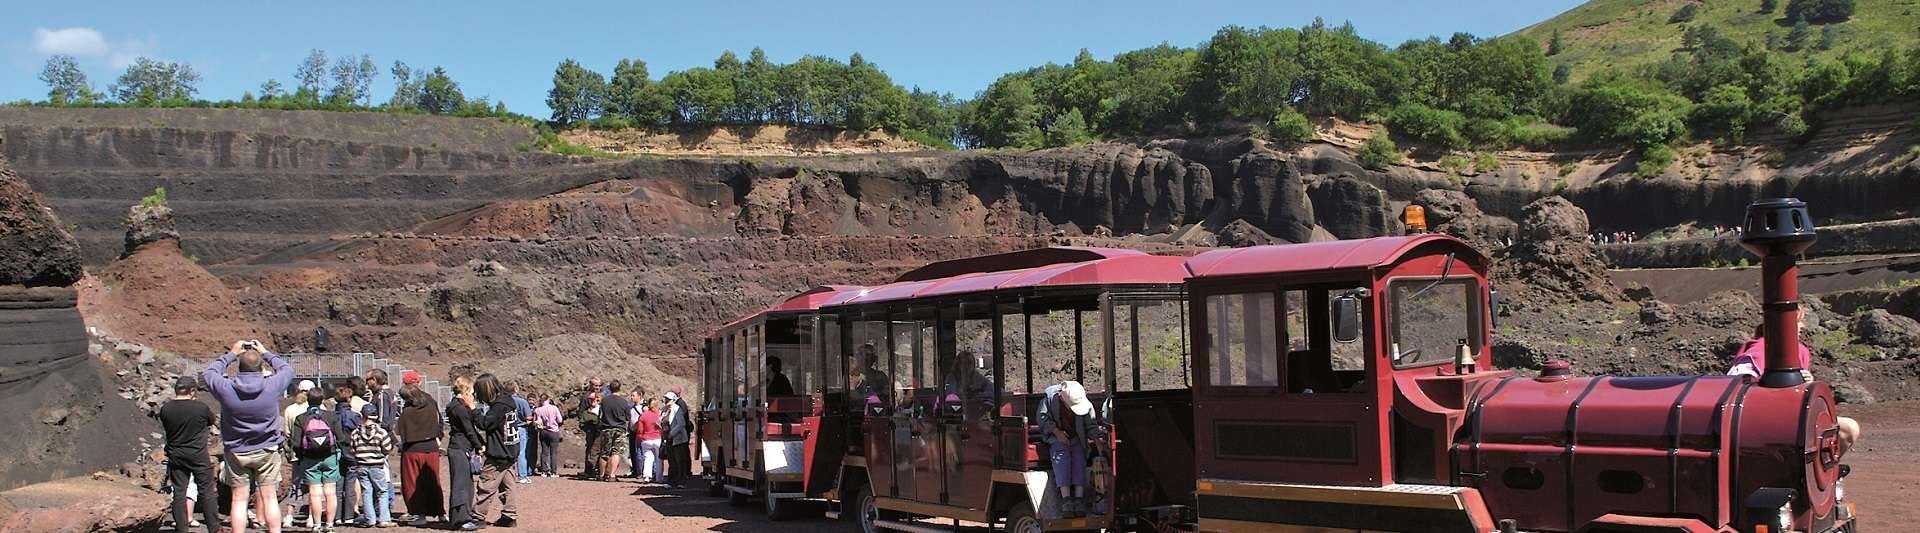 Sites A Visiter Dans Les Combrailles Du Puy De Dome